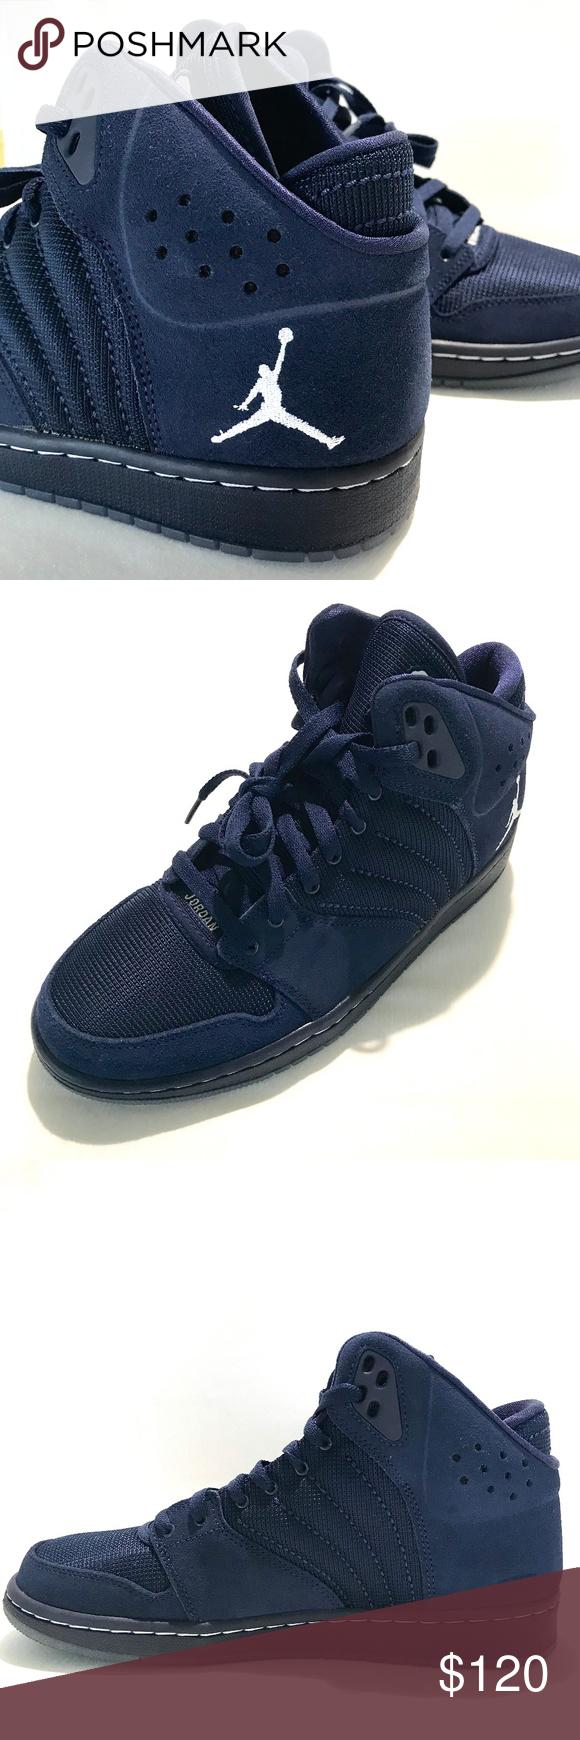 c7464423574c6c Jordan 1 Flight 4 Premium Athletic Shoes Size 8 BRAND NEW NIKE JORDAN 1  FLIGHT 4 PREMIUM MEN S ATHLETIC Suede SHOES NAVY BLUE SIZE 8 Jordan Shoes  Athletic ...